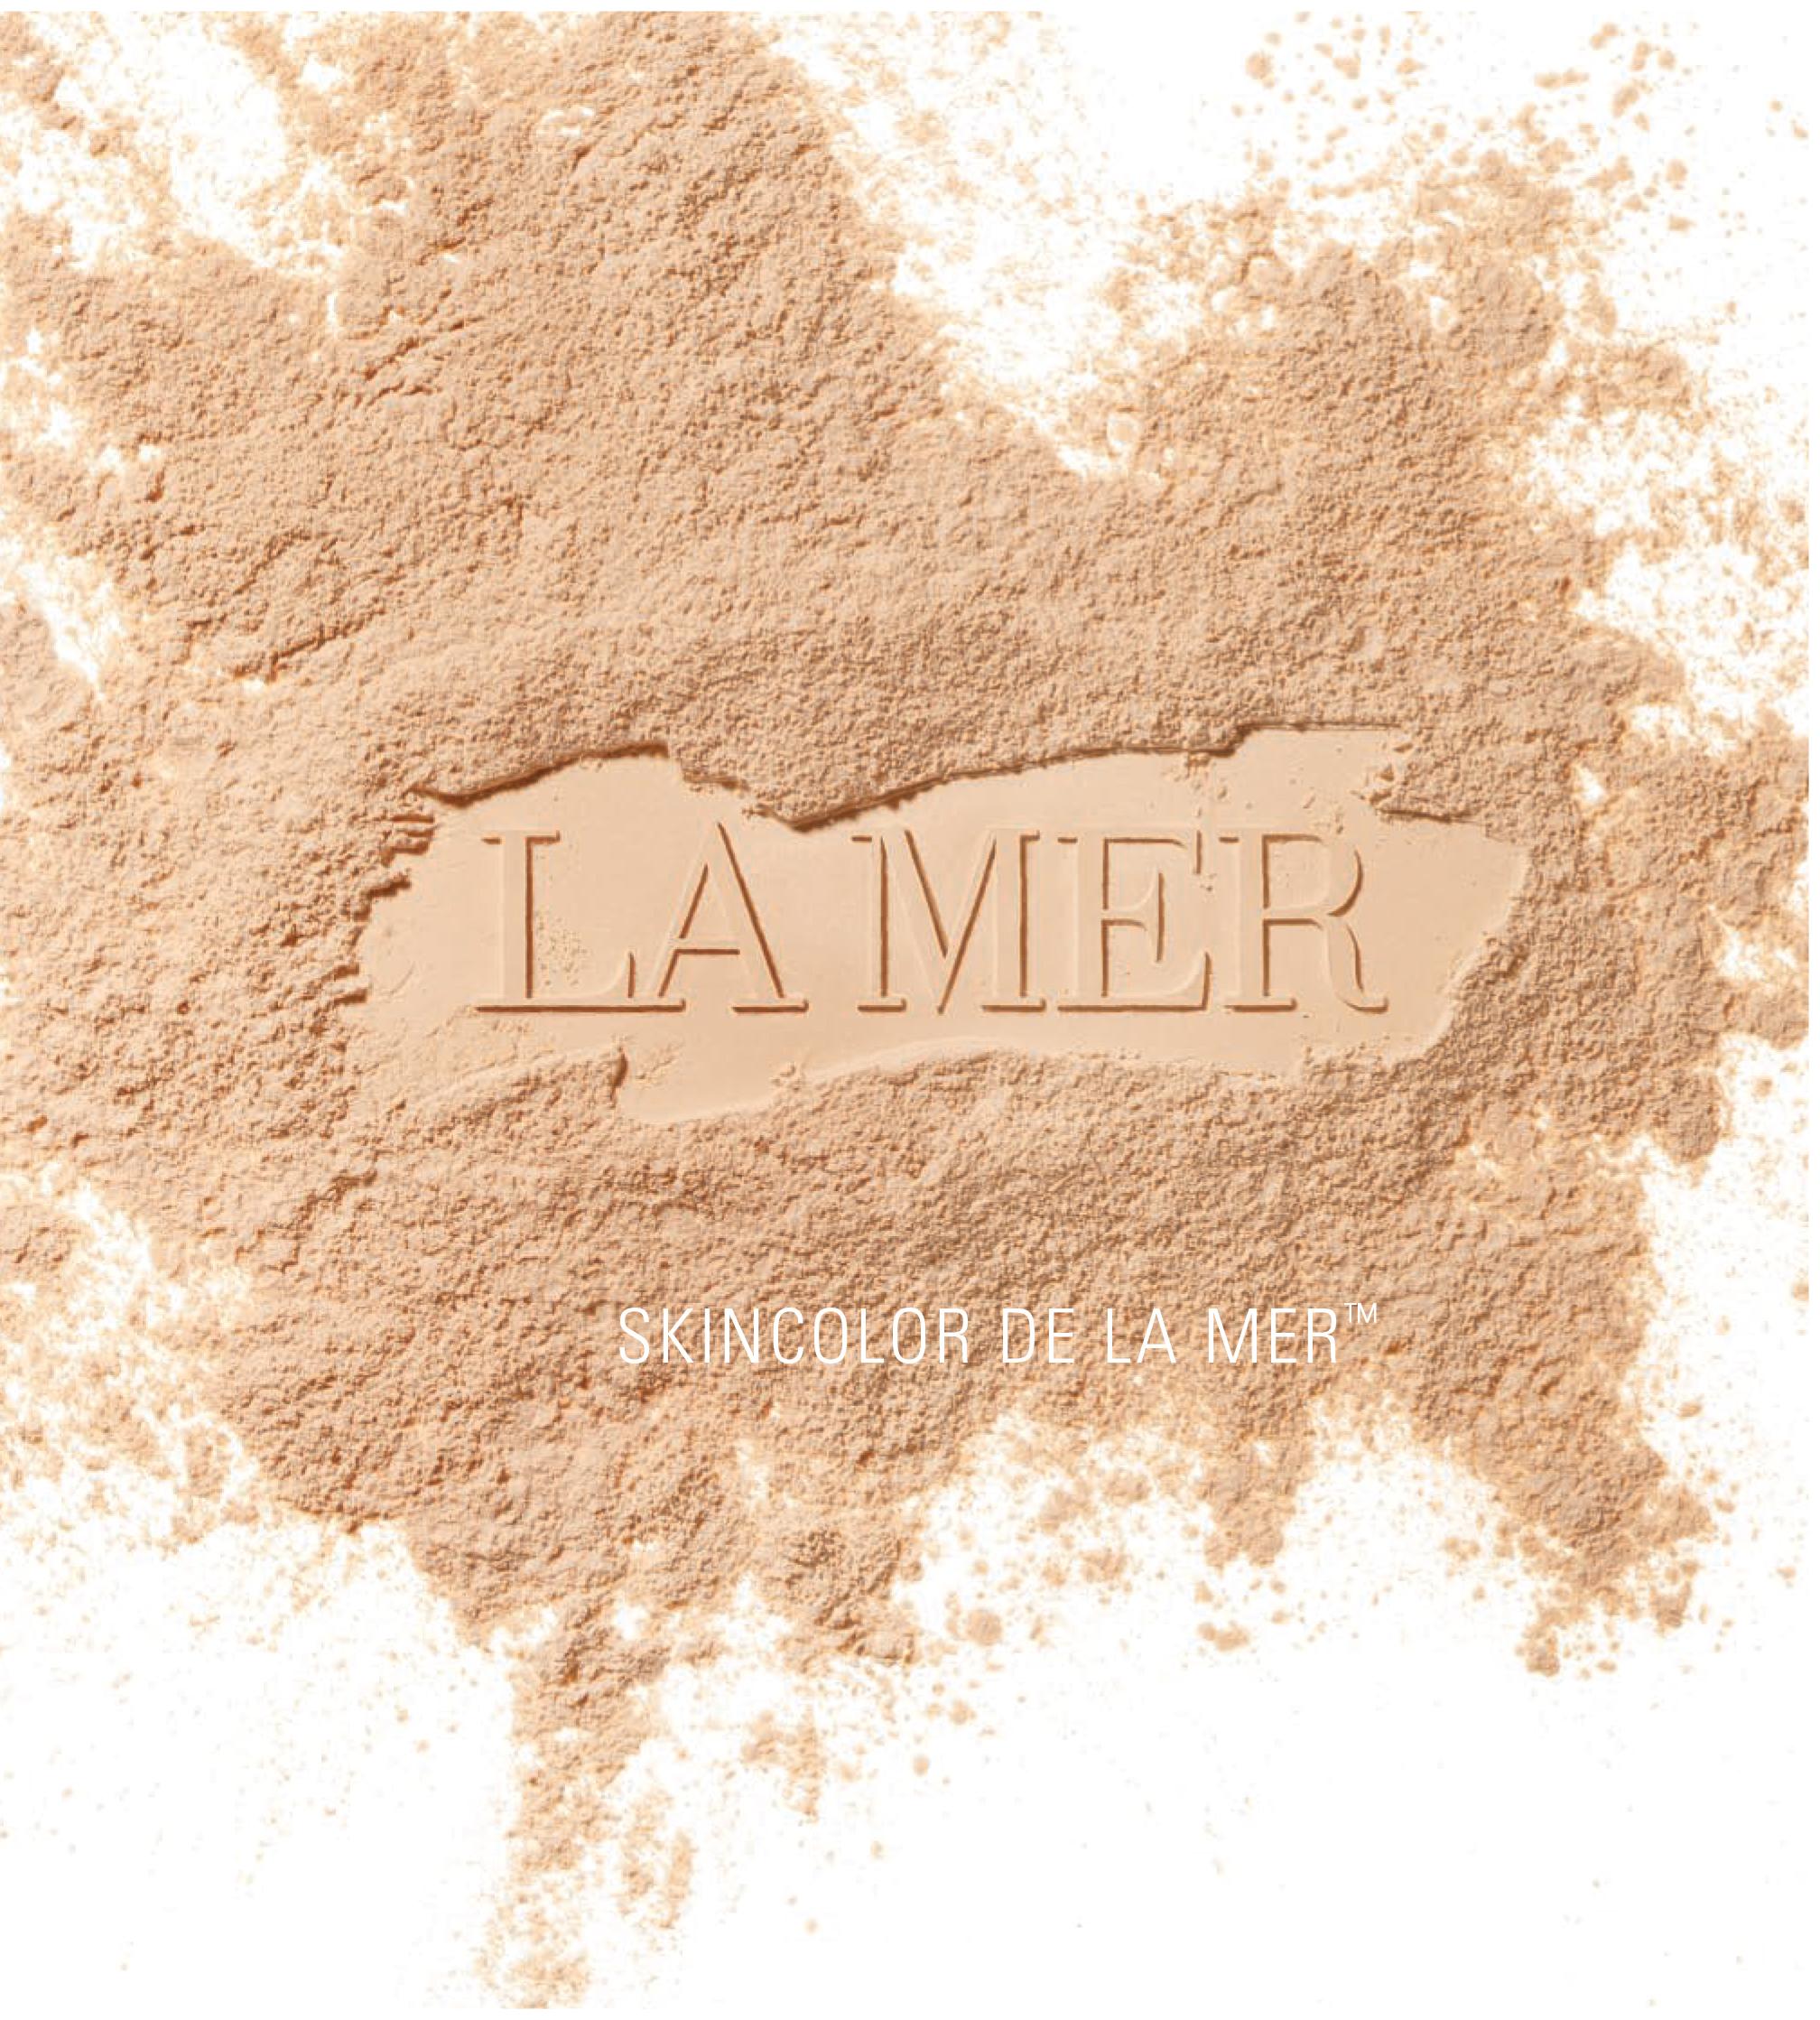 LaMerSkinColor.jpg